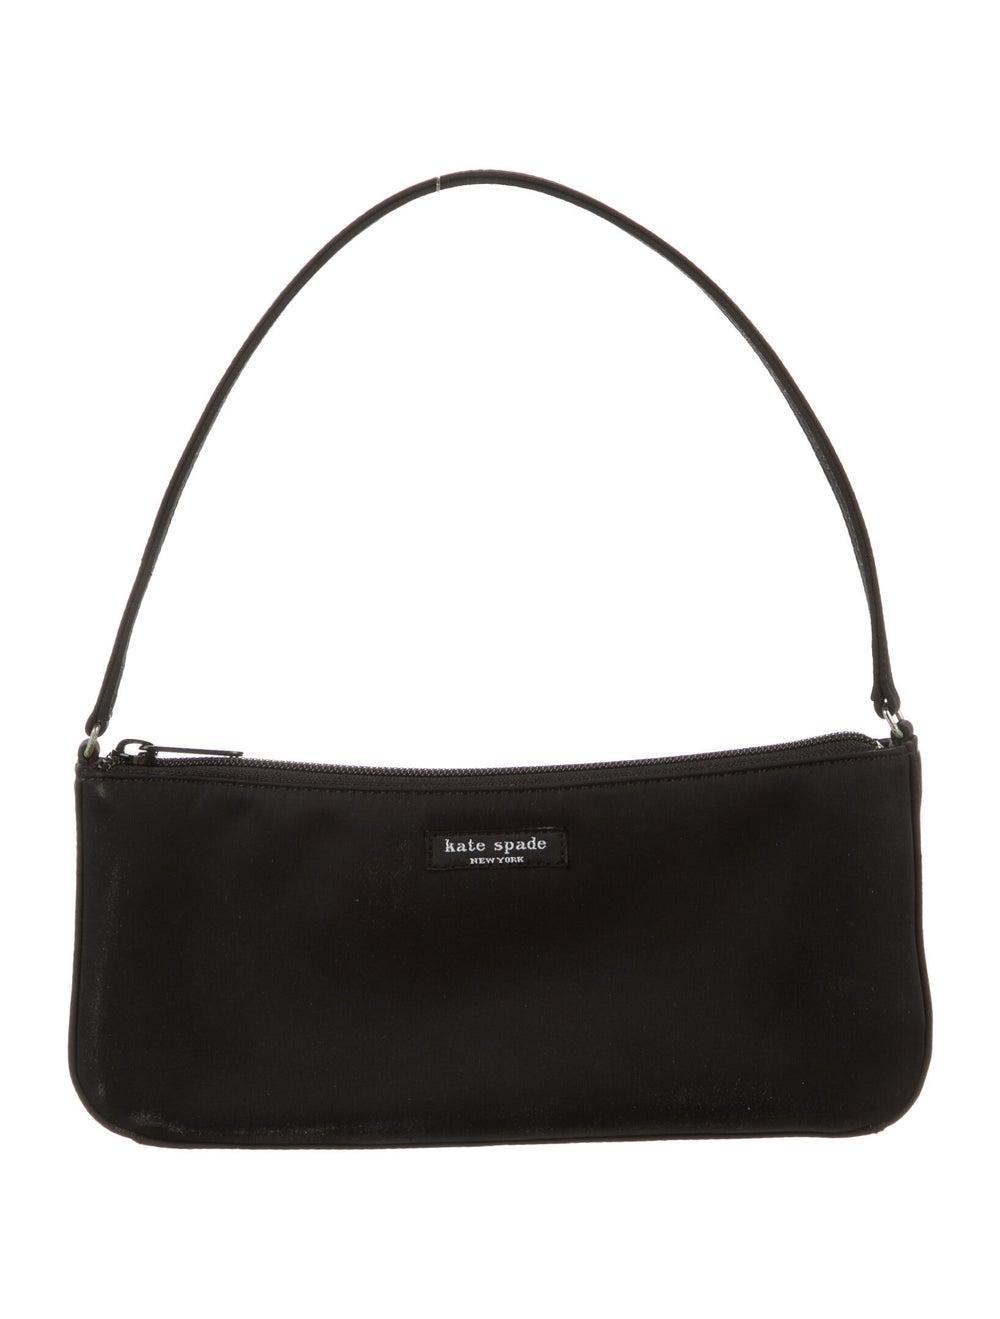 Kate Spade New York Nylon Shoulder Bag Black - image 1